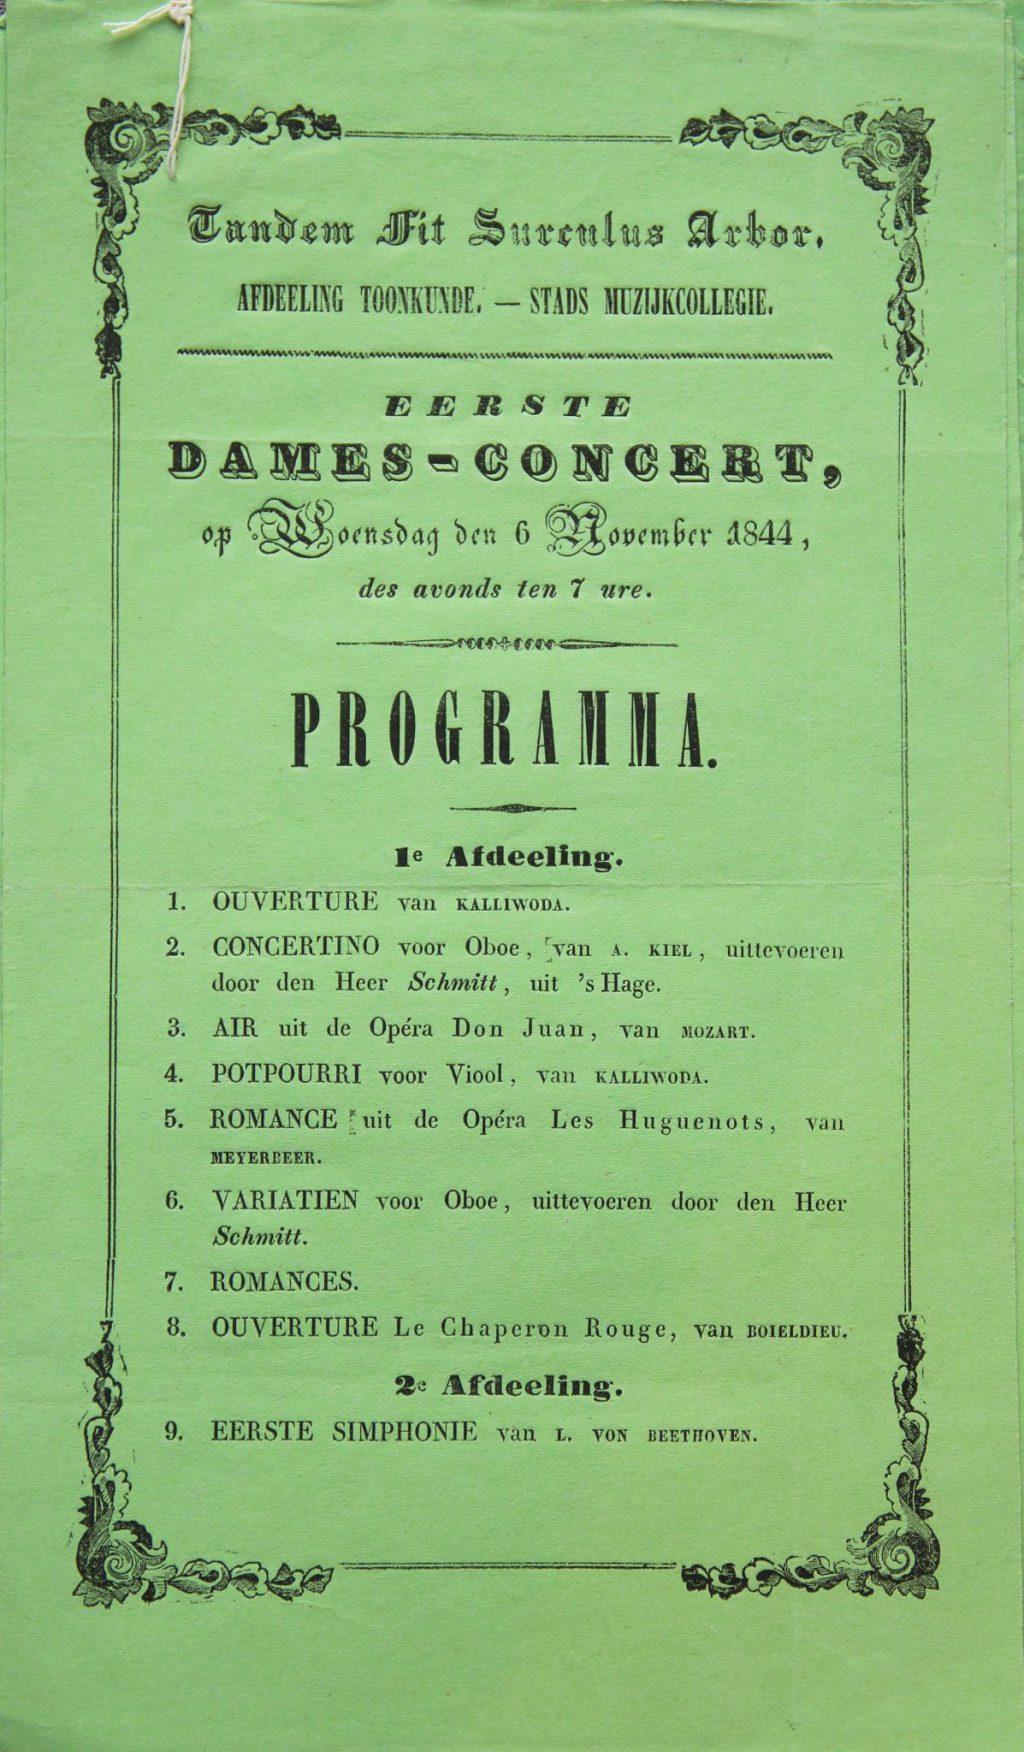 Programma voor het eerste damesconcert, 6 november 1844 (Archief 276, inv.nr 28)